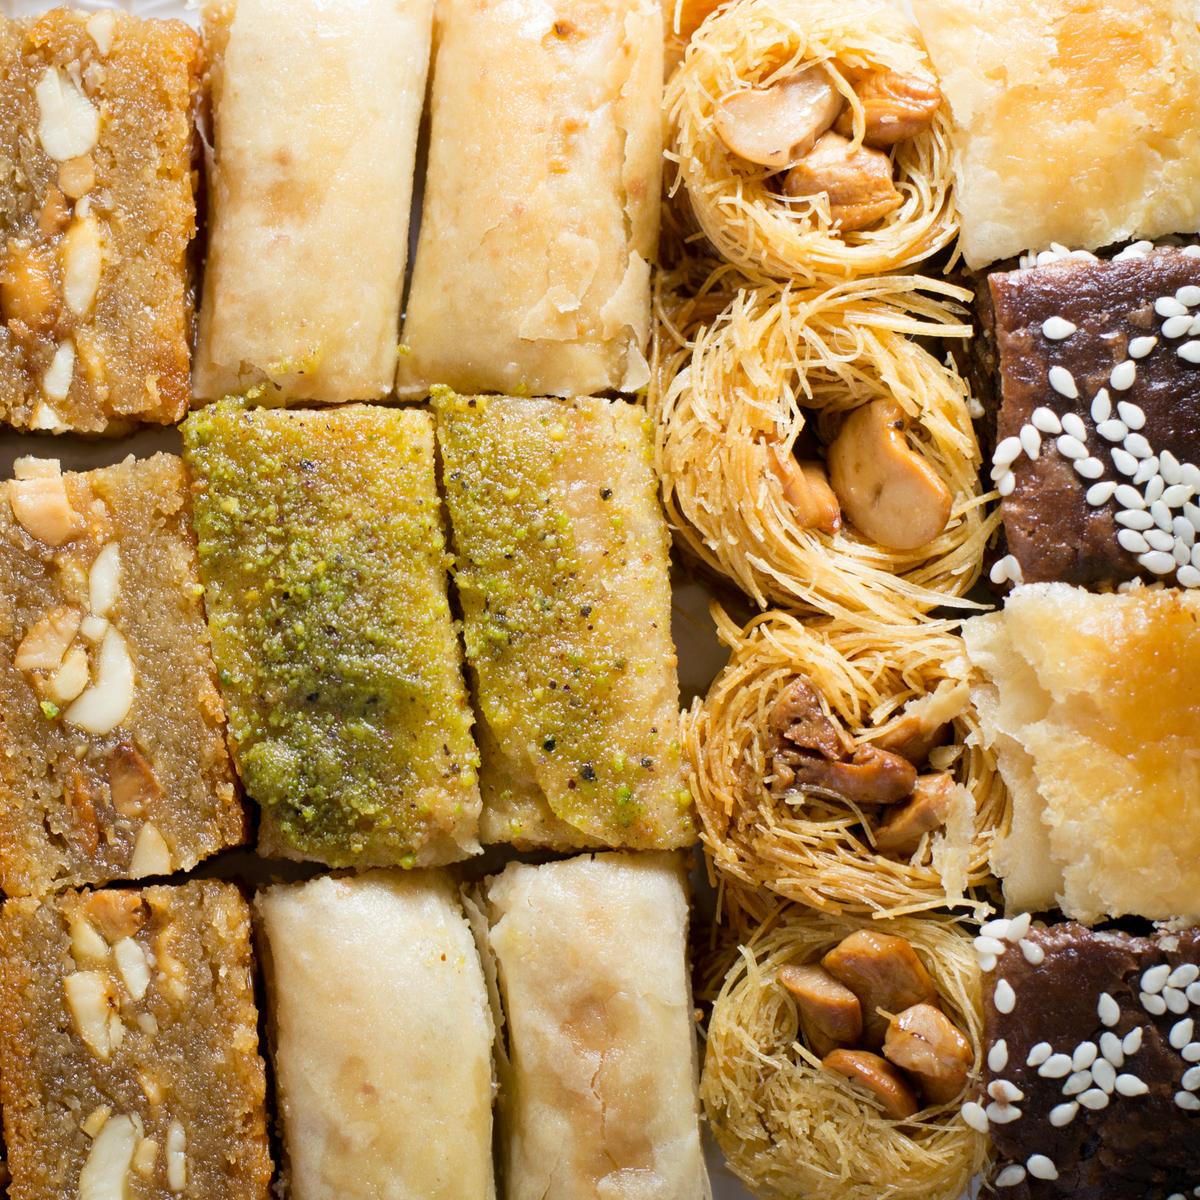 """Pate D'or Пахлава - ассорти ливанских сладостей """"Оронт"""", 600 г import_files_6f_6f5dd39b787e11e799f3606c664b1de1_2456a41c2e9411e8a993484d7ecee297.jpg"""